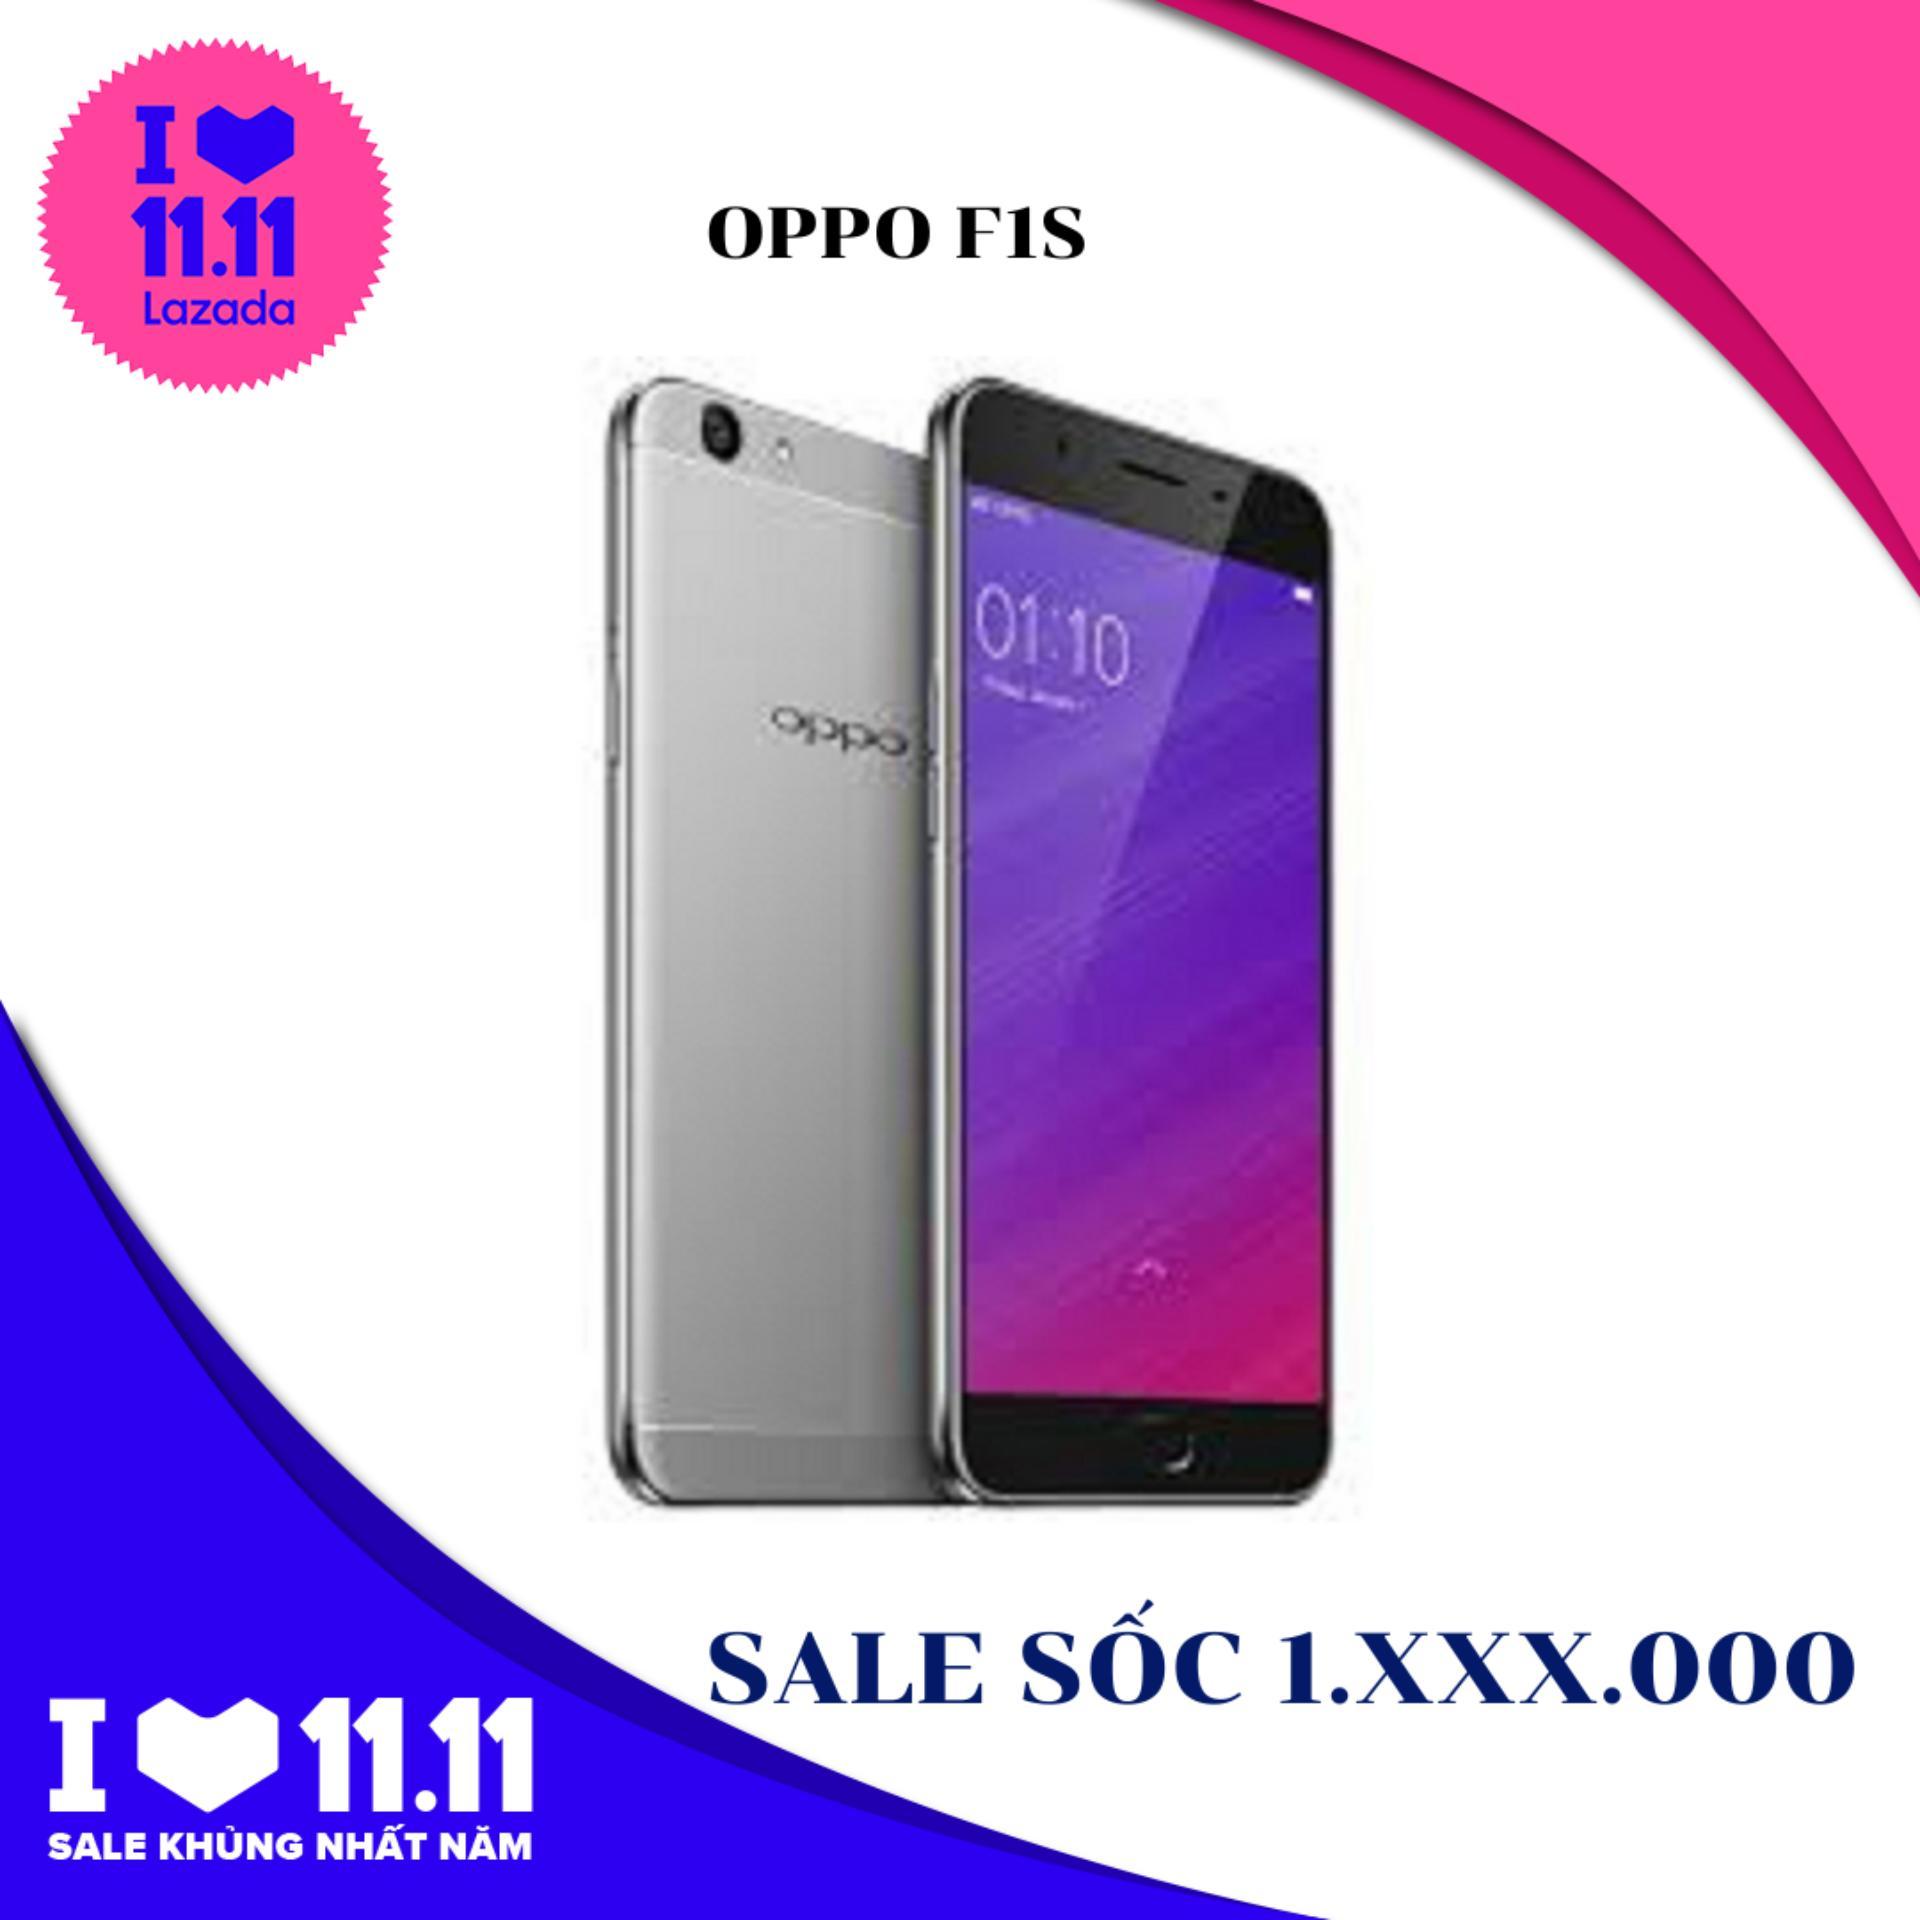 điện thoại OPPO F1S 2sim - ram 4G bộ nhớ 32G - Chiến PUBG Đỉnh